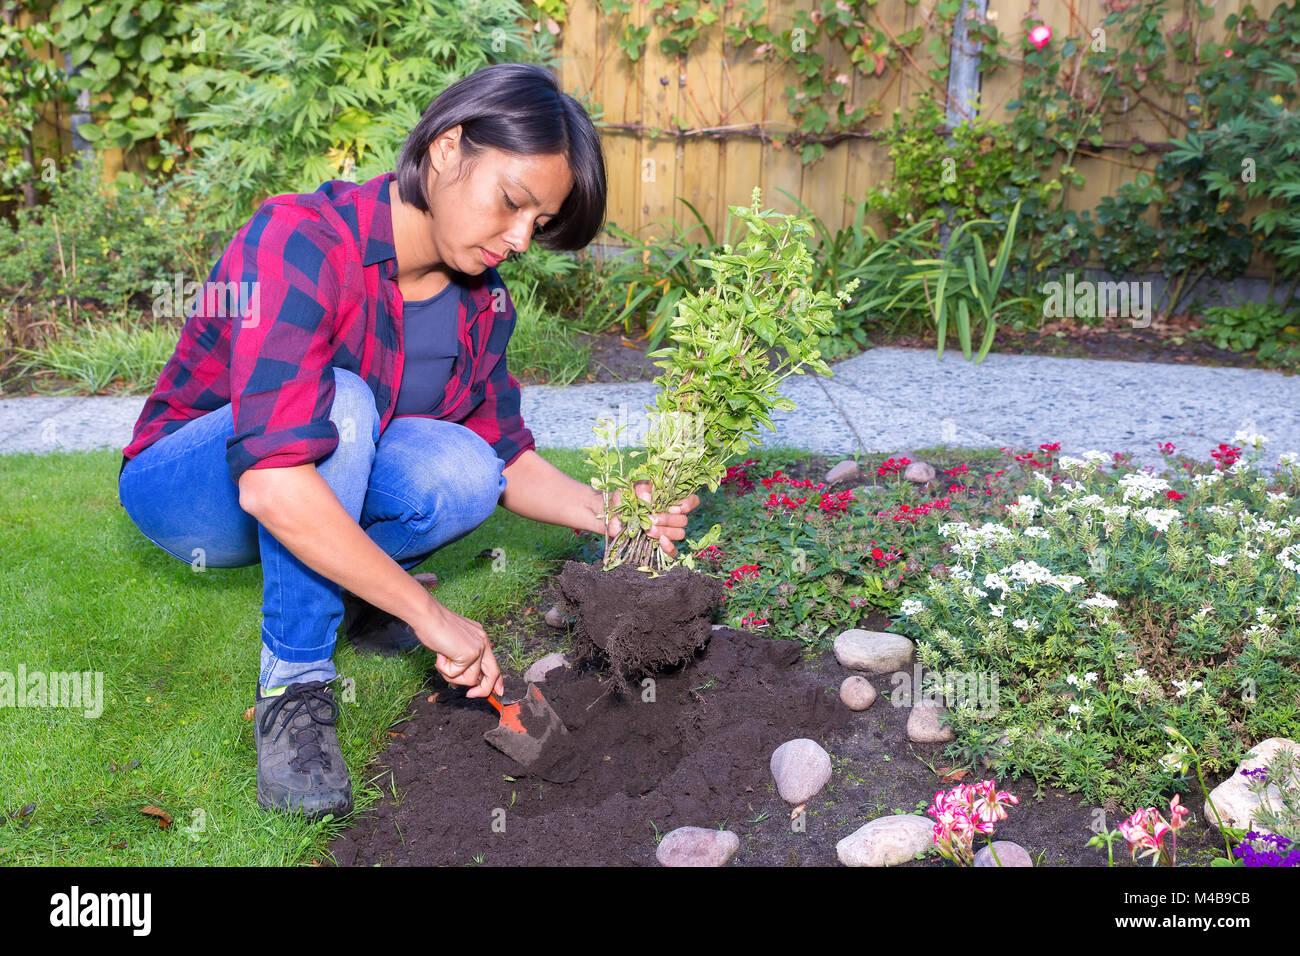 Сонник трактует растение как символ жизни, эволюции внутреннего мира, духовного и физического роста.